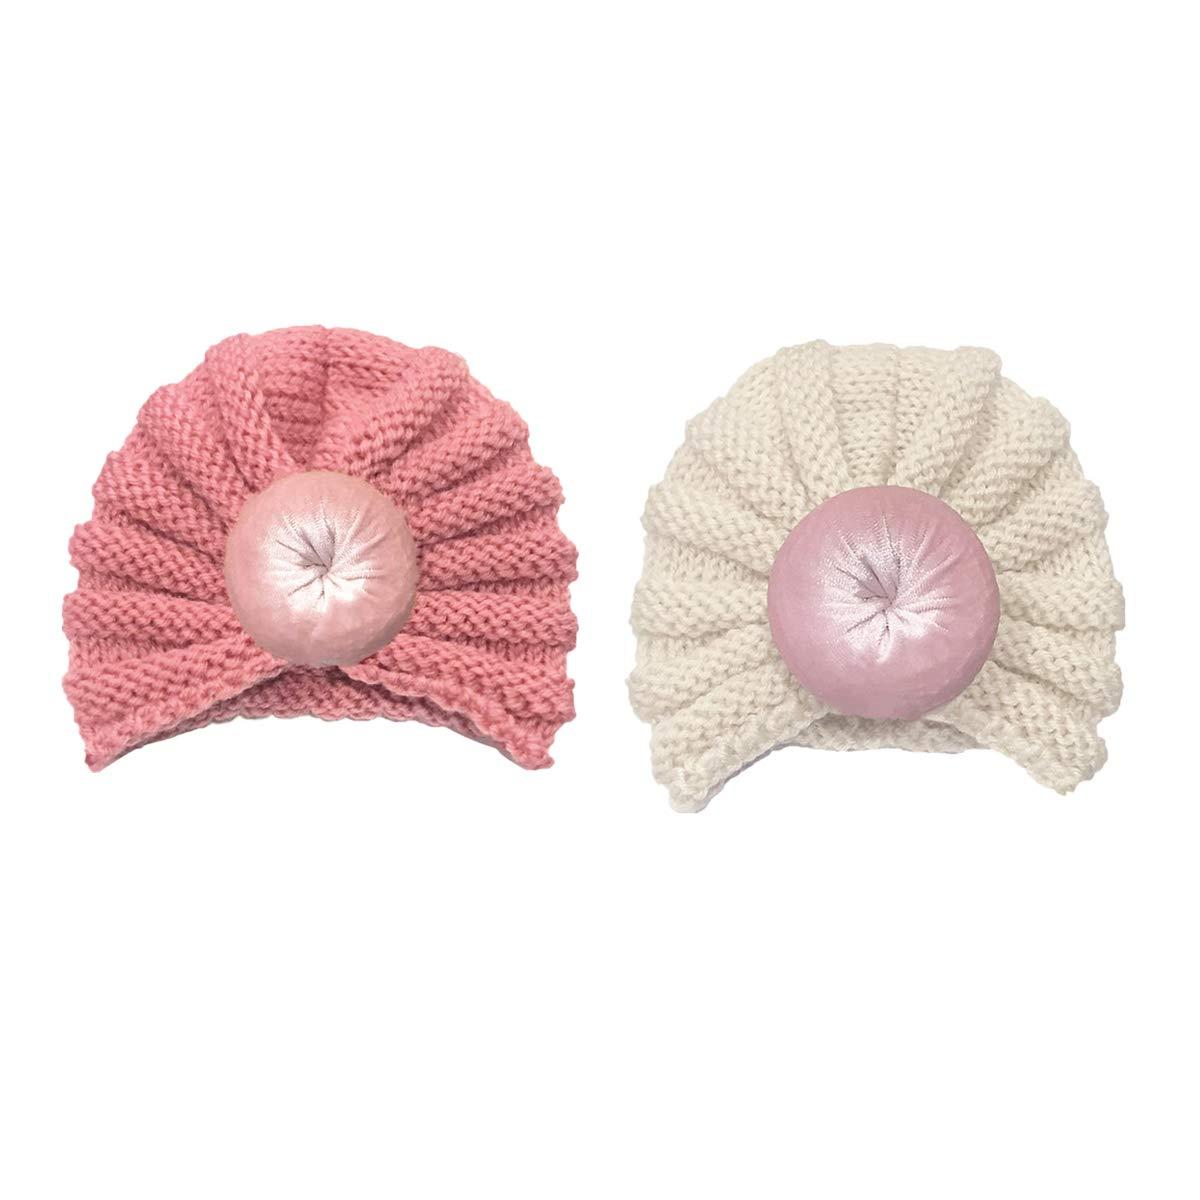 BESTOYARD 2pcs Bambini Autunno Inverno Cappelli di Lana Simpatico Berretto di Colore Solido per Bambini Cappuccio all'Uncinetto